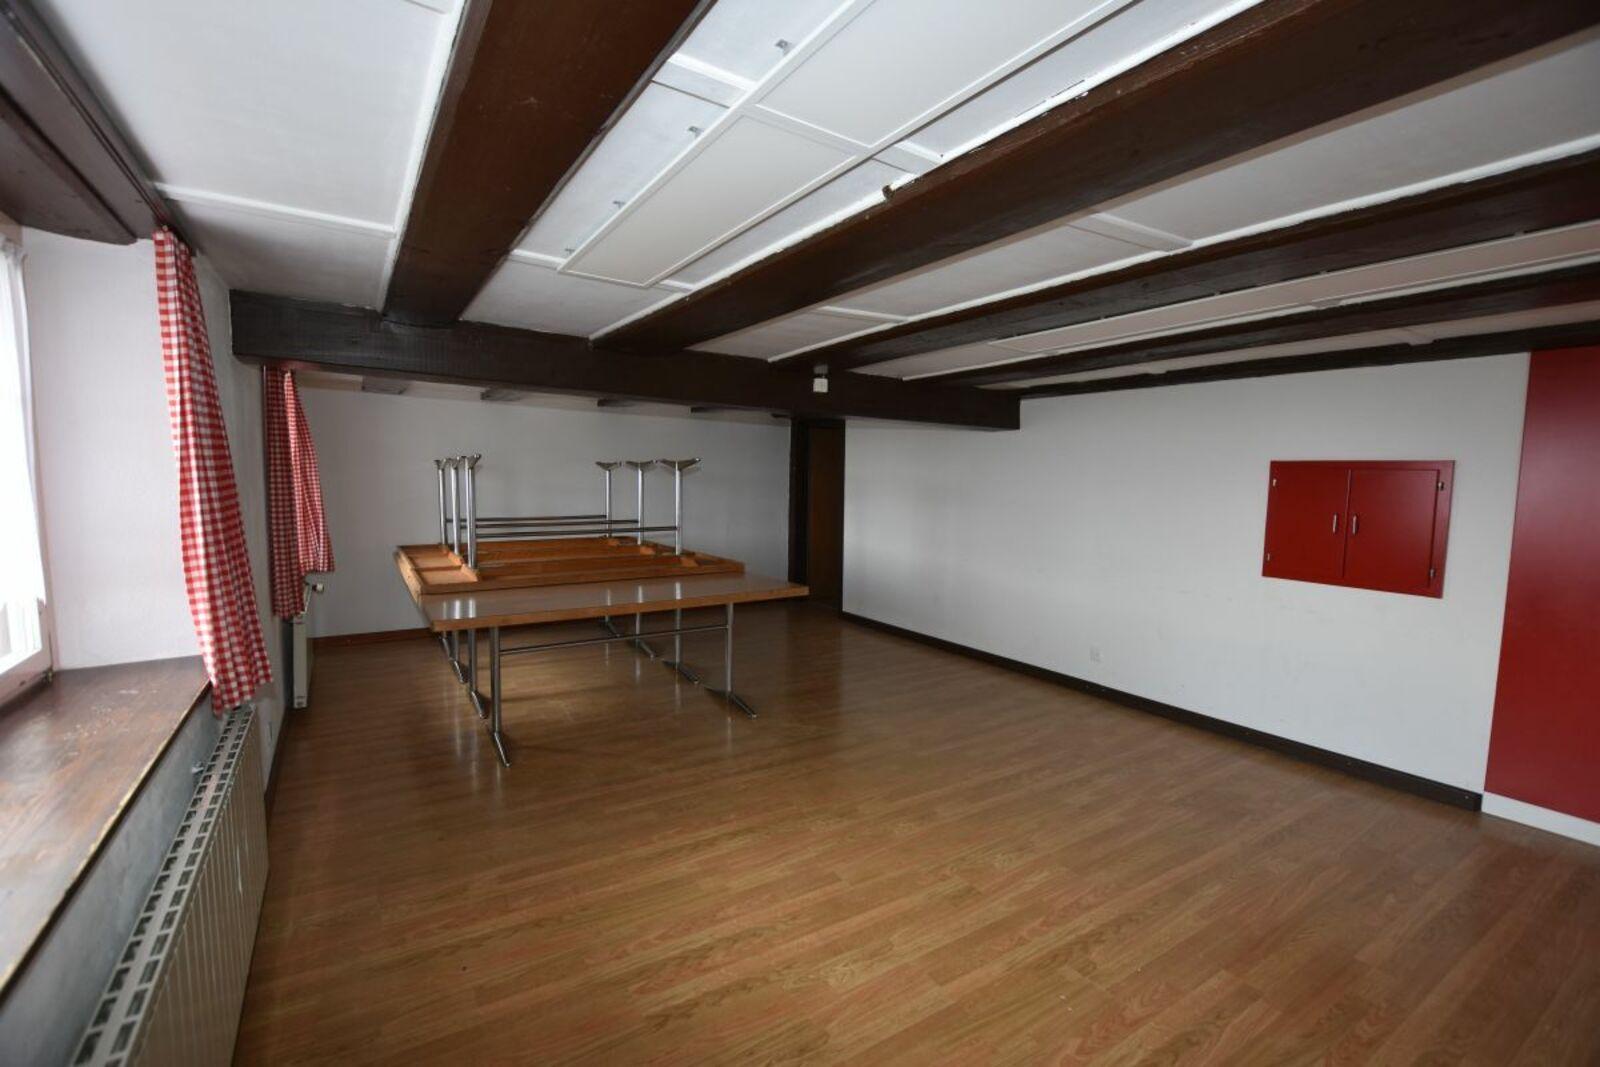 Pfadiheim Wangen, 4612 Wangen bei Olten - 9525 - Aufenthaltsraum / Essraum